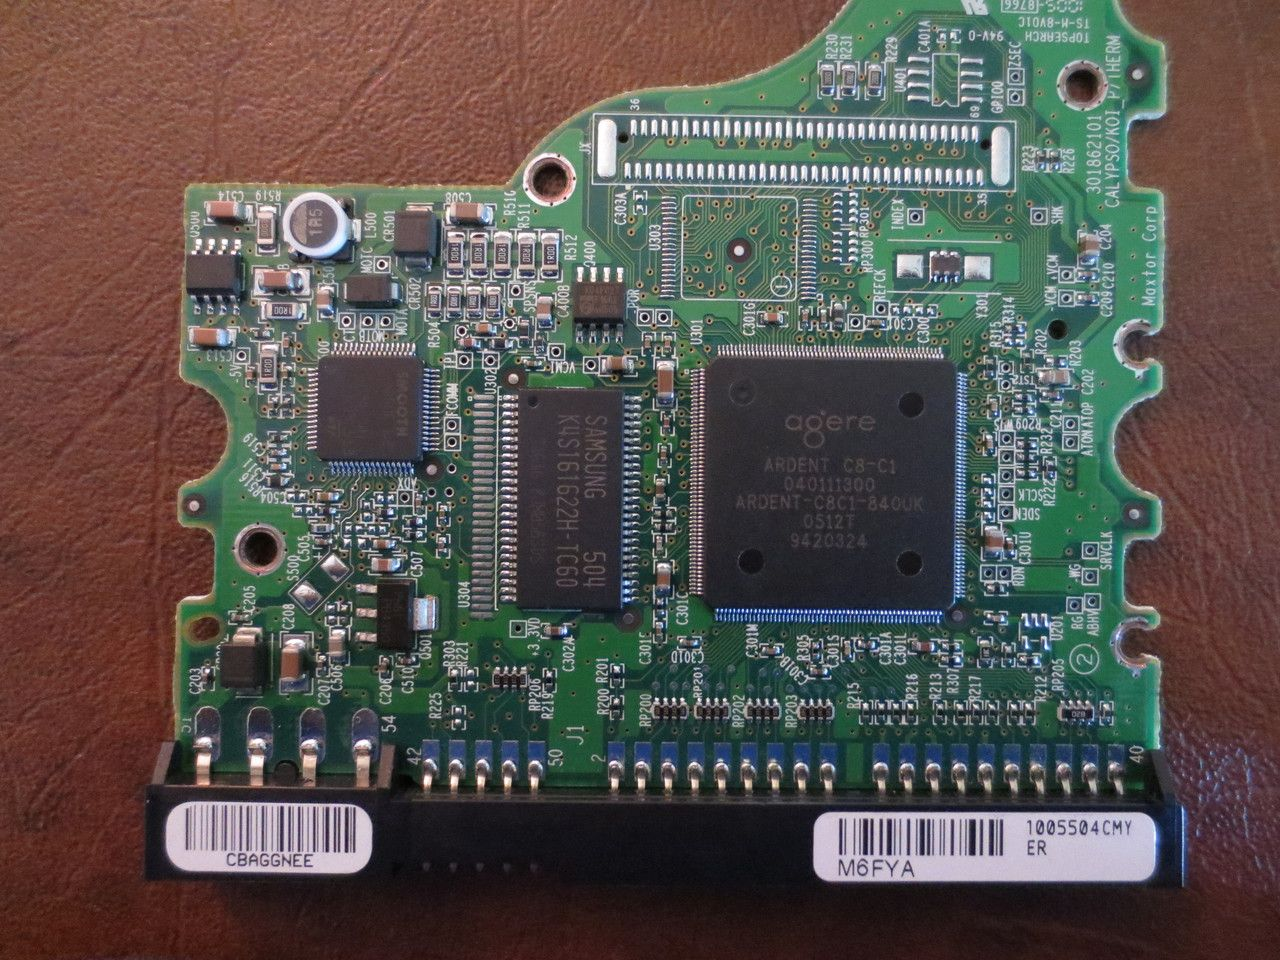 Maxtor 6Y080L0 CodeYAR41BW0 NMGA M6FYA 80gb IDE PCB